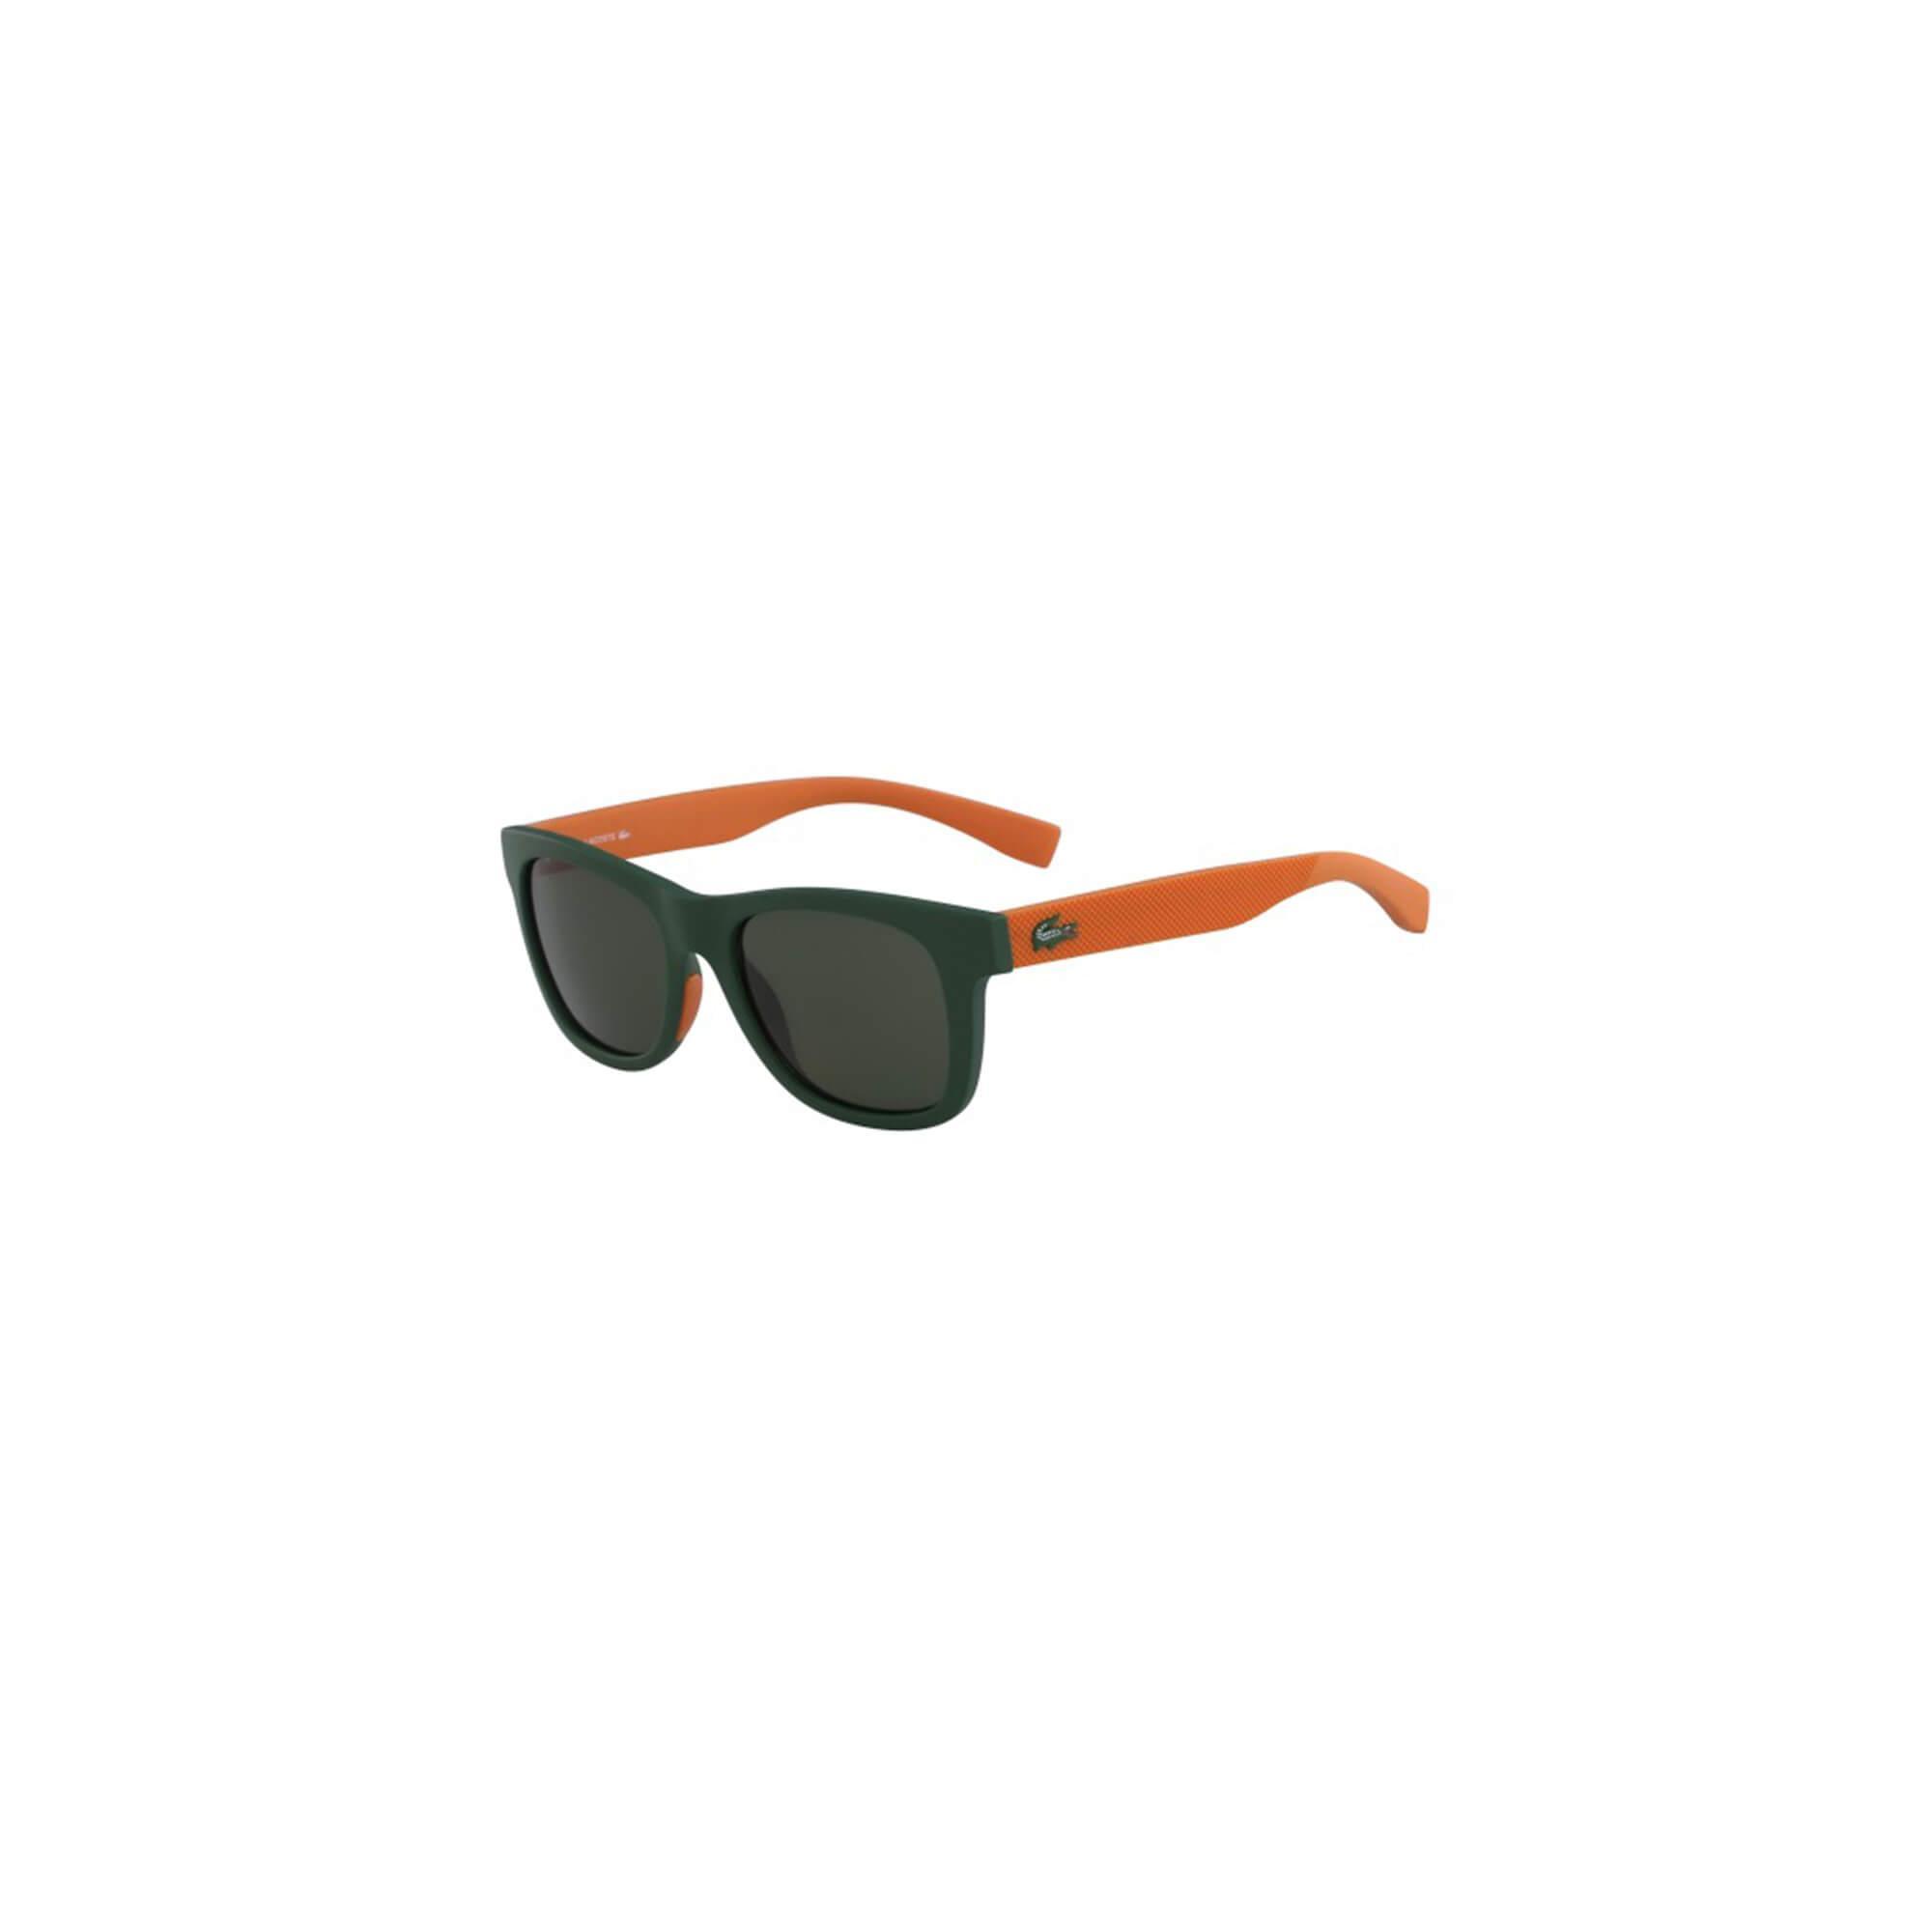 Lacoste Unisex Çocuk Yeşil - Turuncu Güneş Gözlüğü